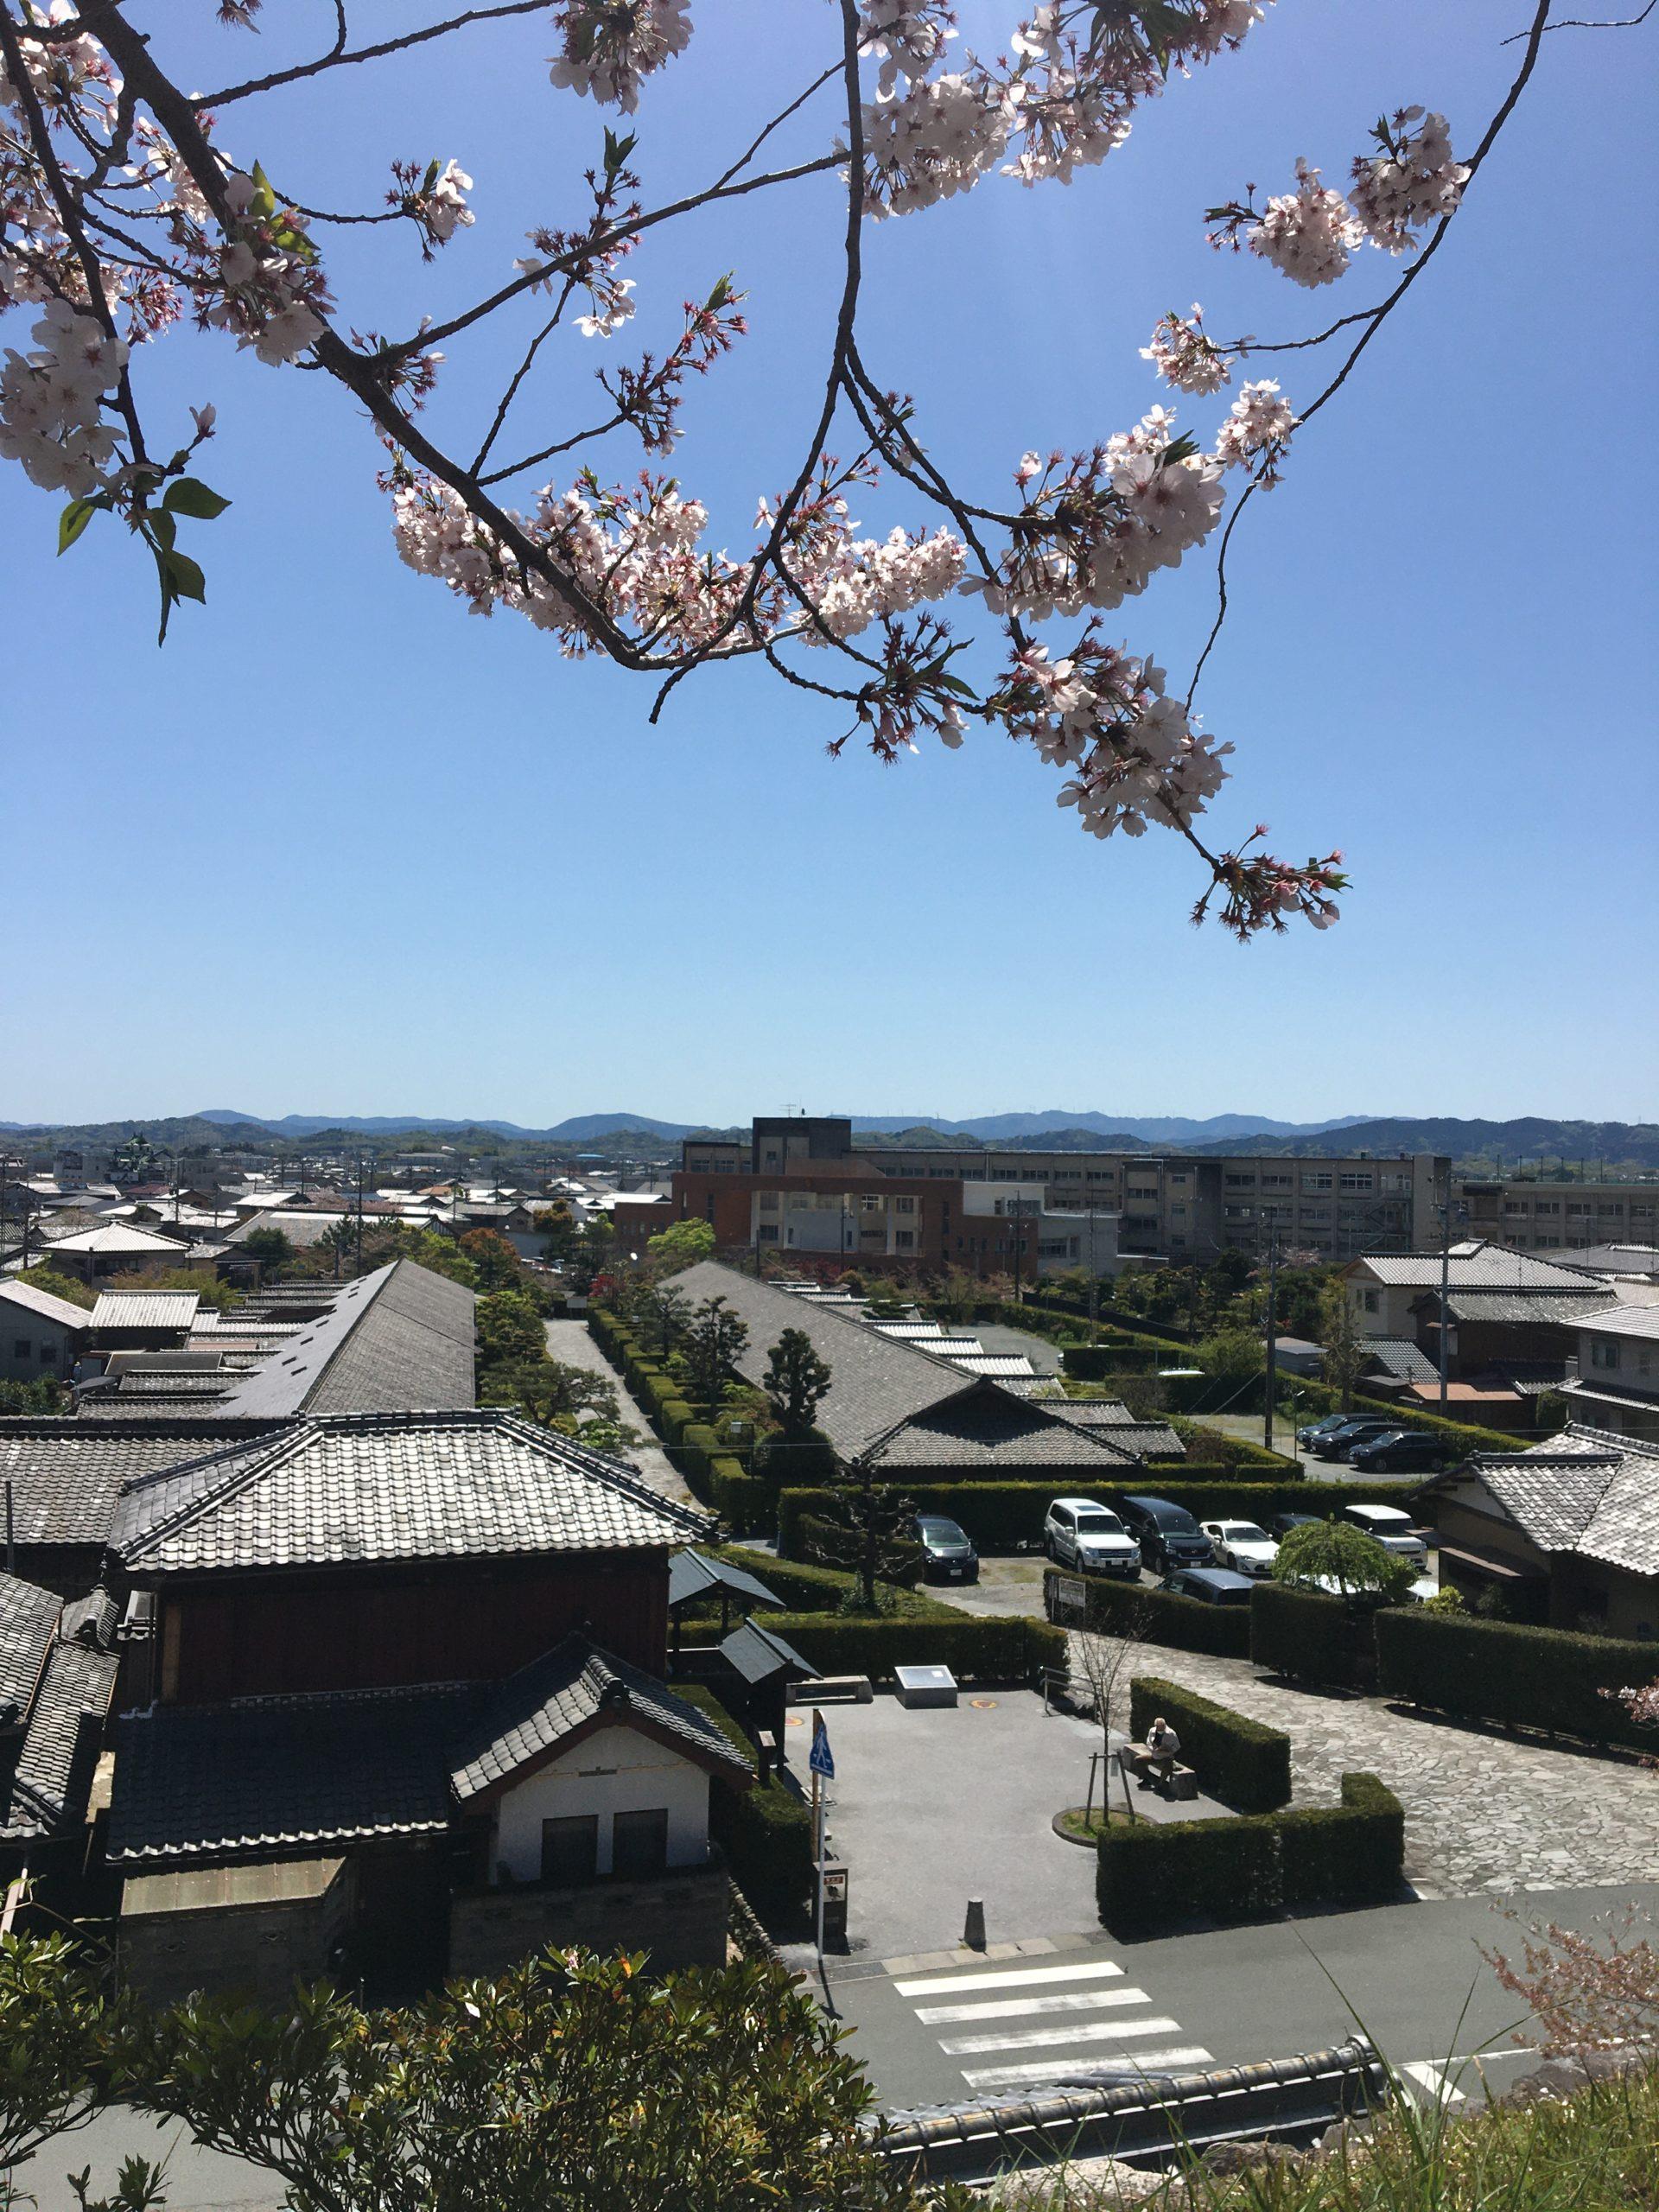 松阪市内 桜開花状況【令和3年4月9日現在】